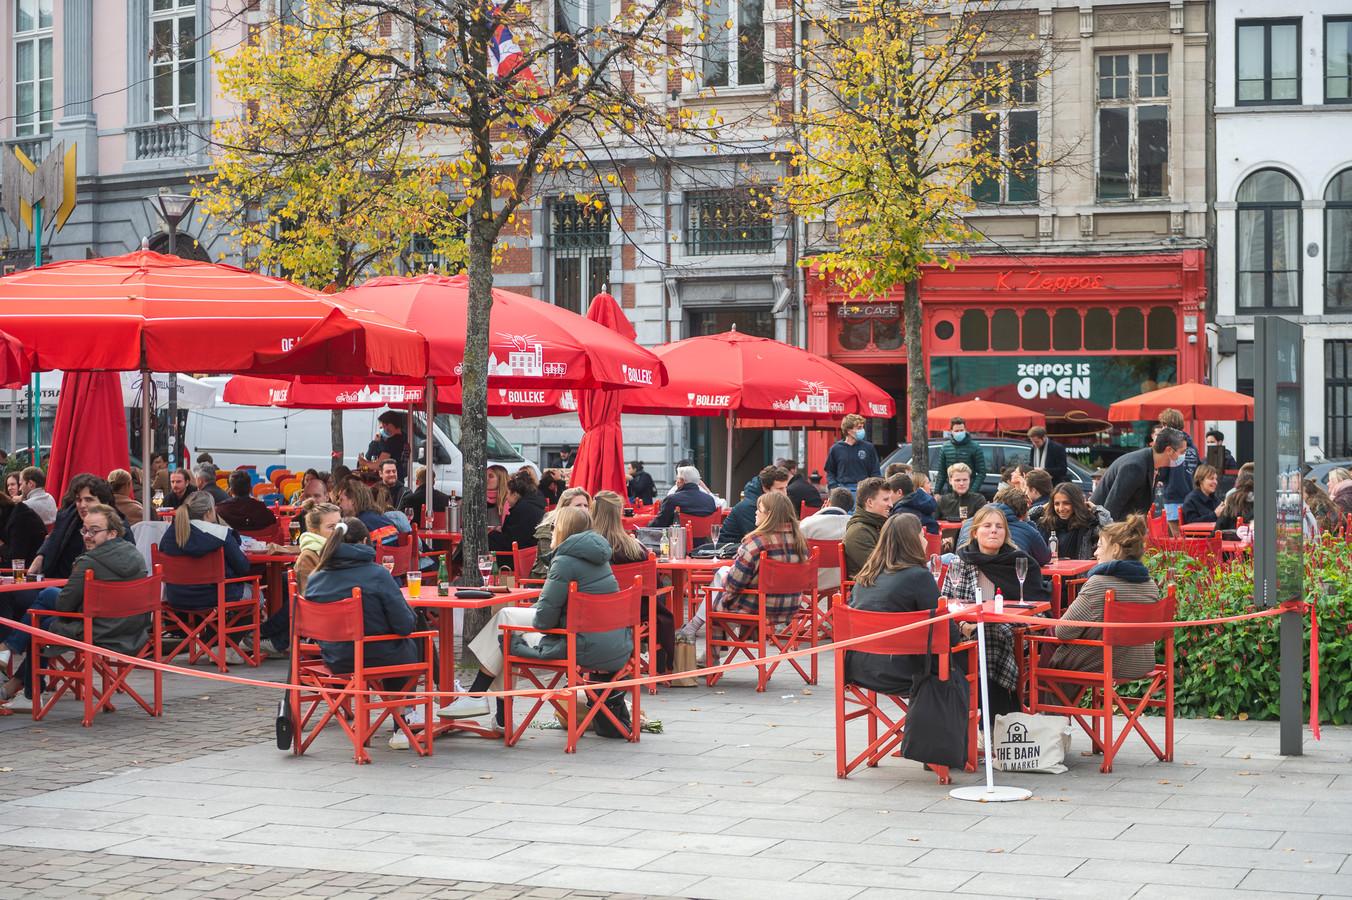 Zo was het op 17 oktober 2020 nog, op het Mechelseplein. Of de terrassen vanaf 1 mei opnieuw open mogen, is nu de grote vraag.